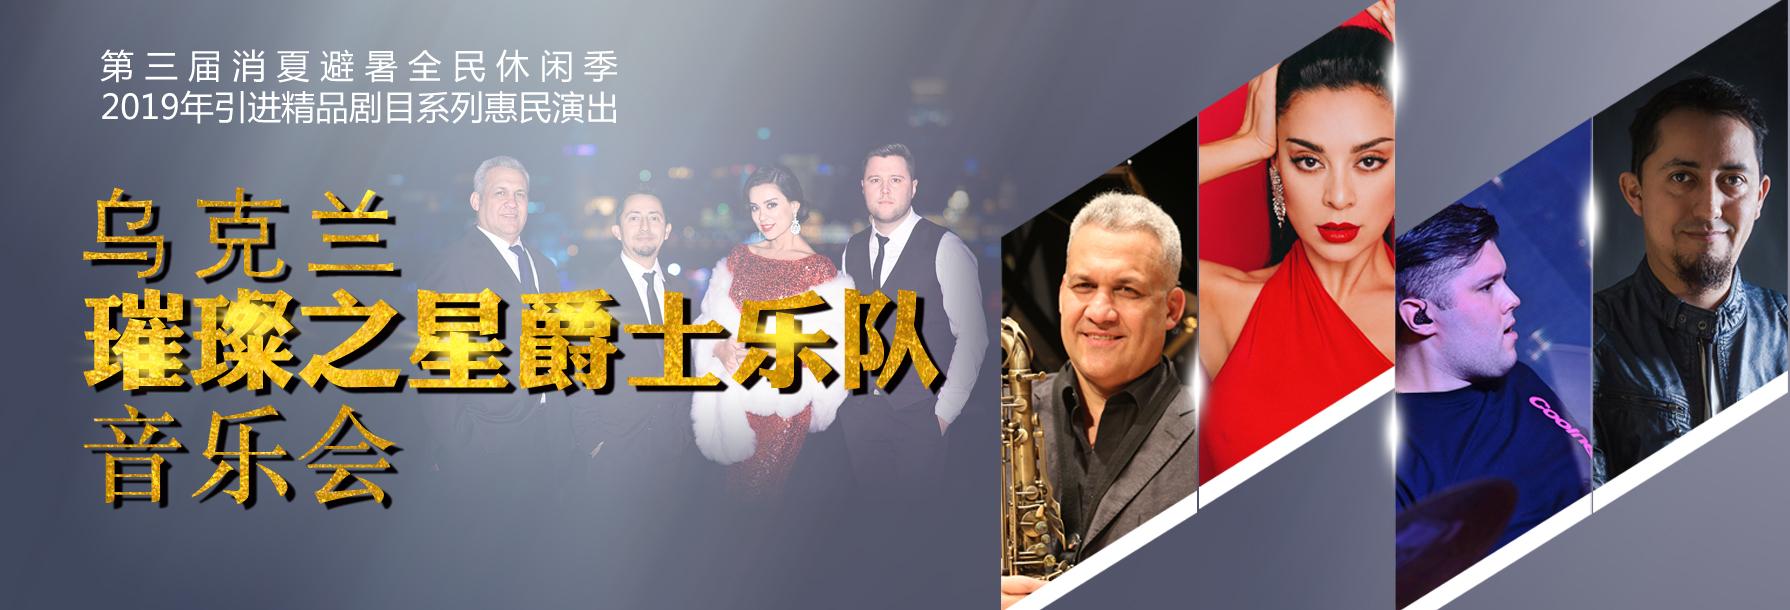 璀璨之星爵士乐队